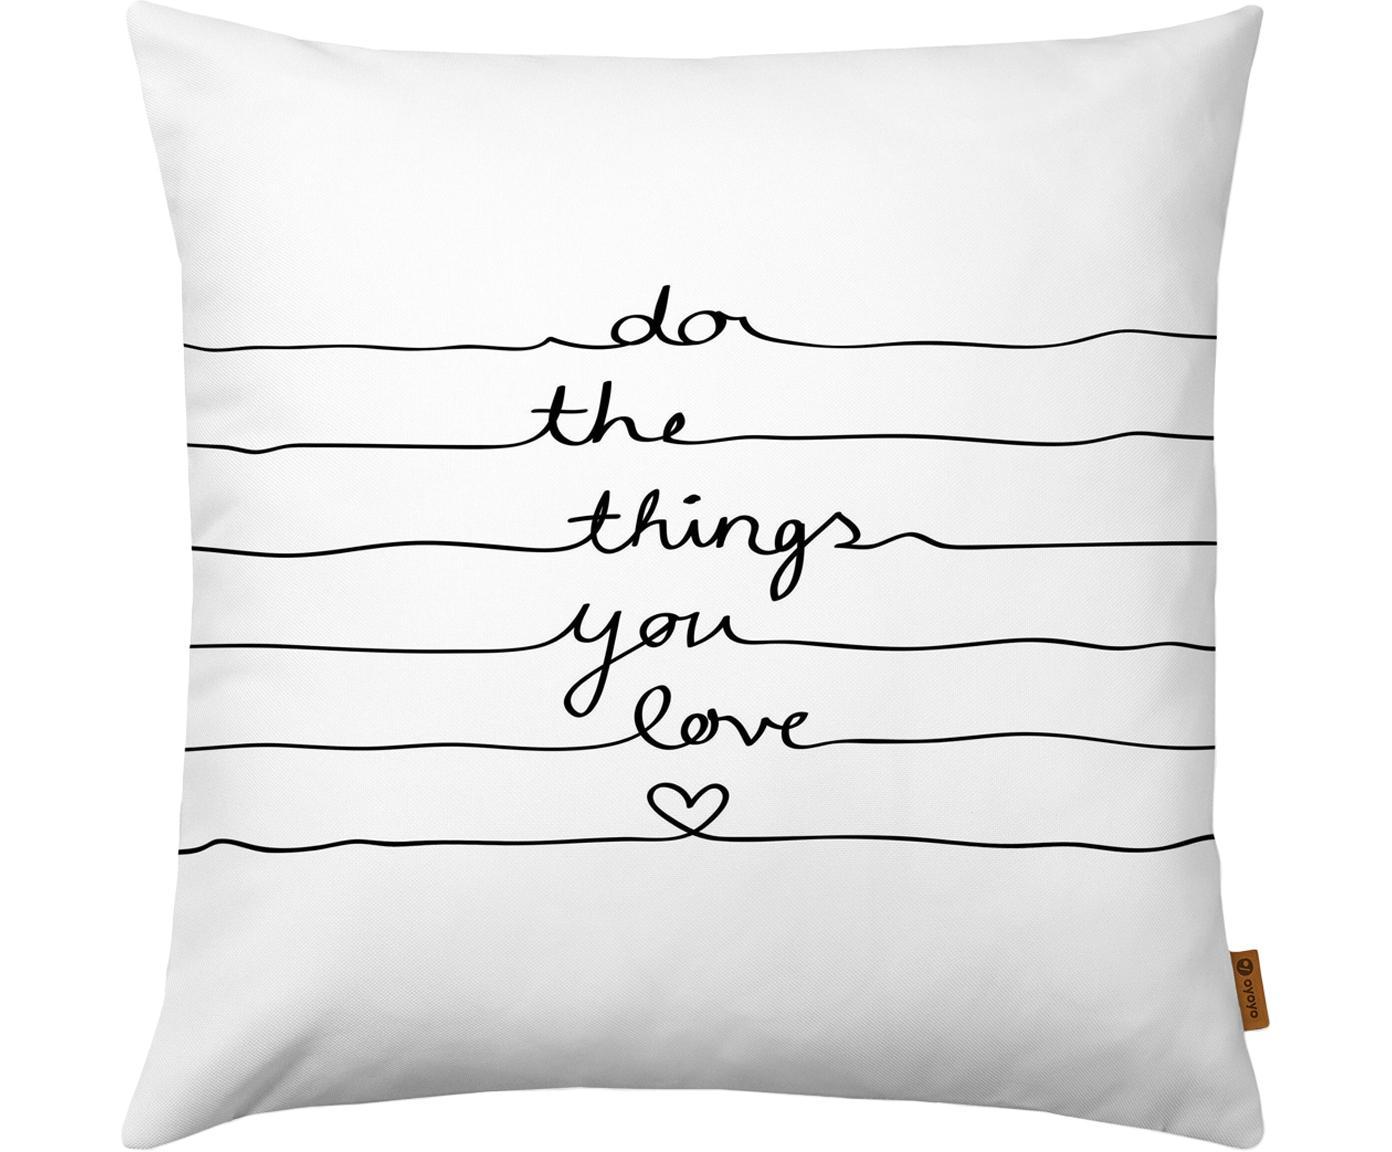 Funda de cojín Do The Things You Love, Poliéster, Blanco, negro, An 40 x L 40 cm